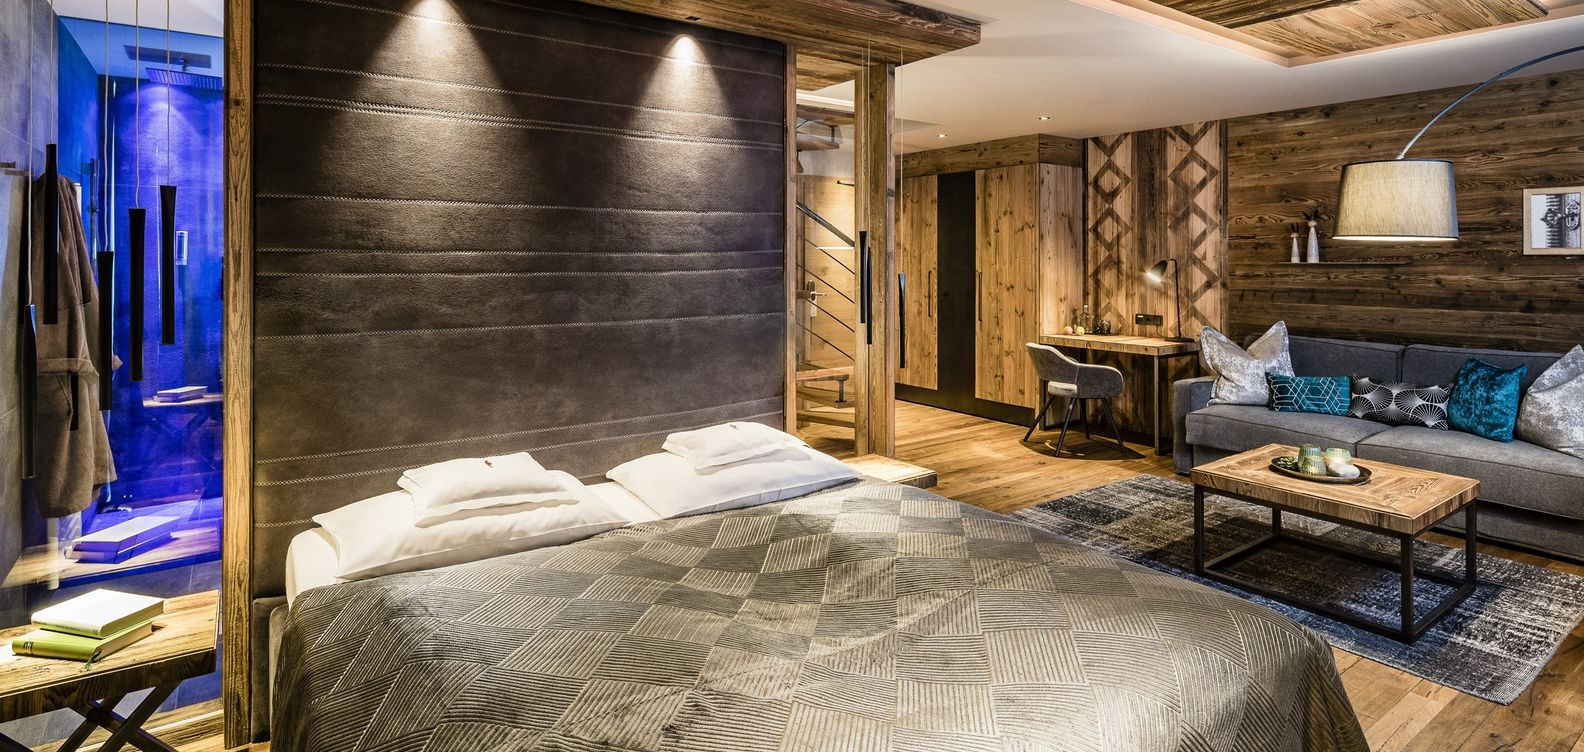 Prezzi vacanza invernale hotel mesnerwirt alto adige for Piani di aggiunta suite suocera